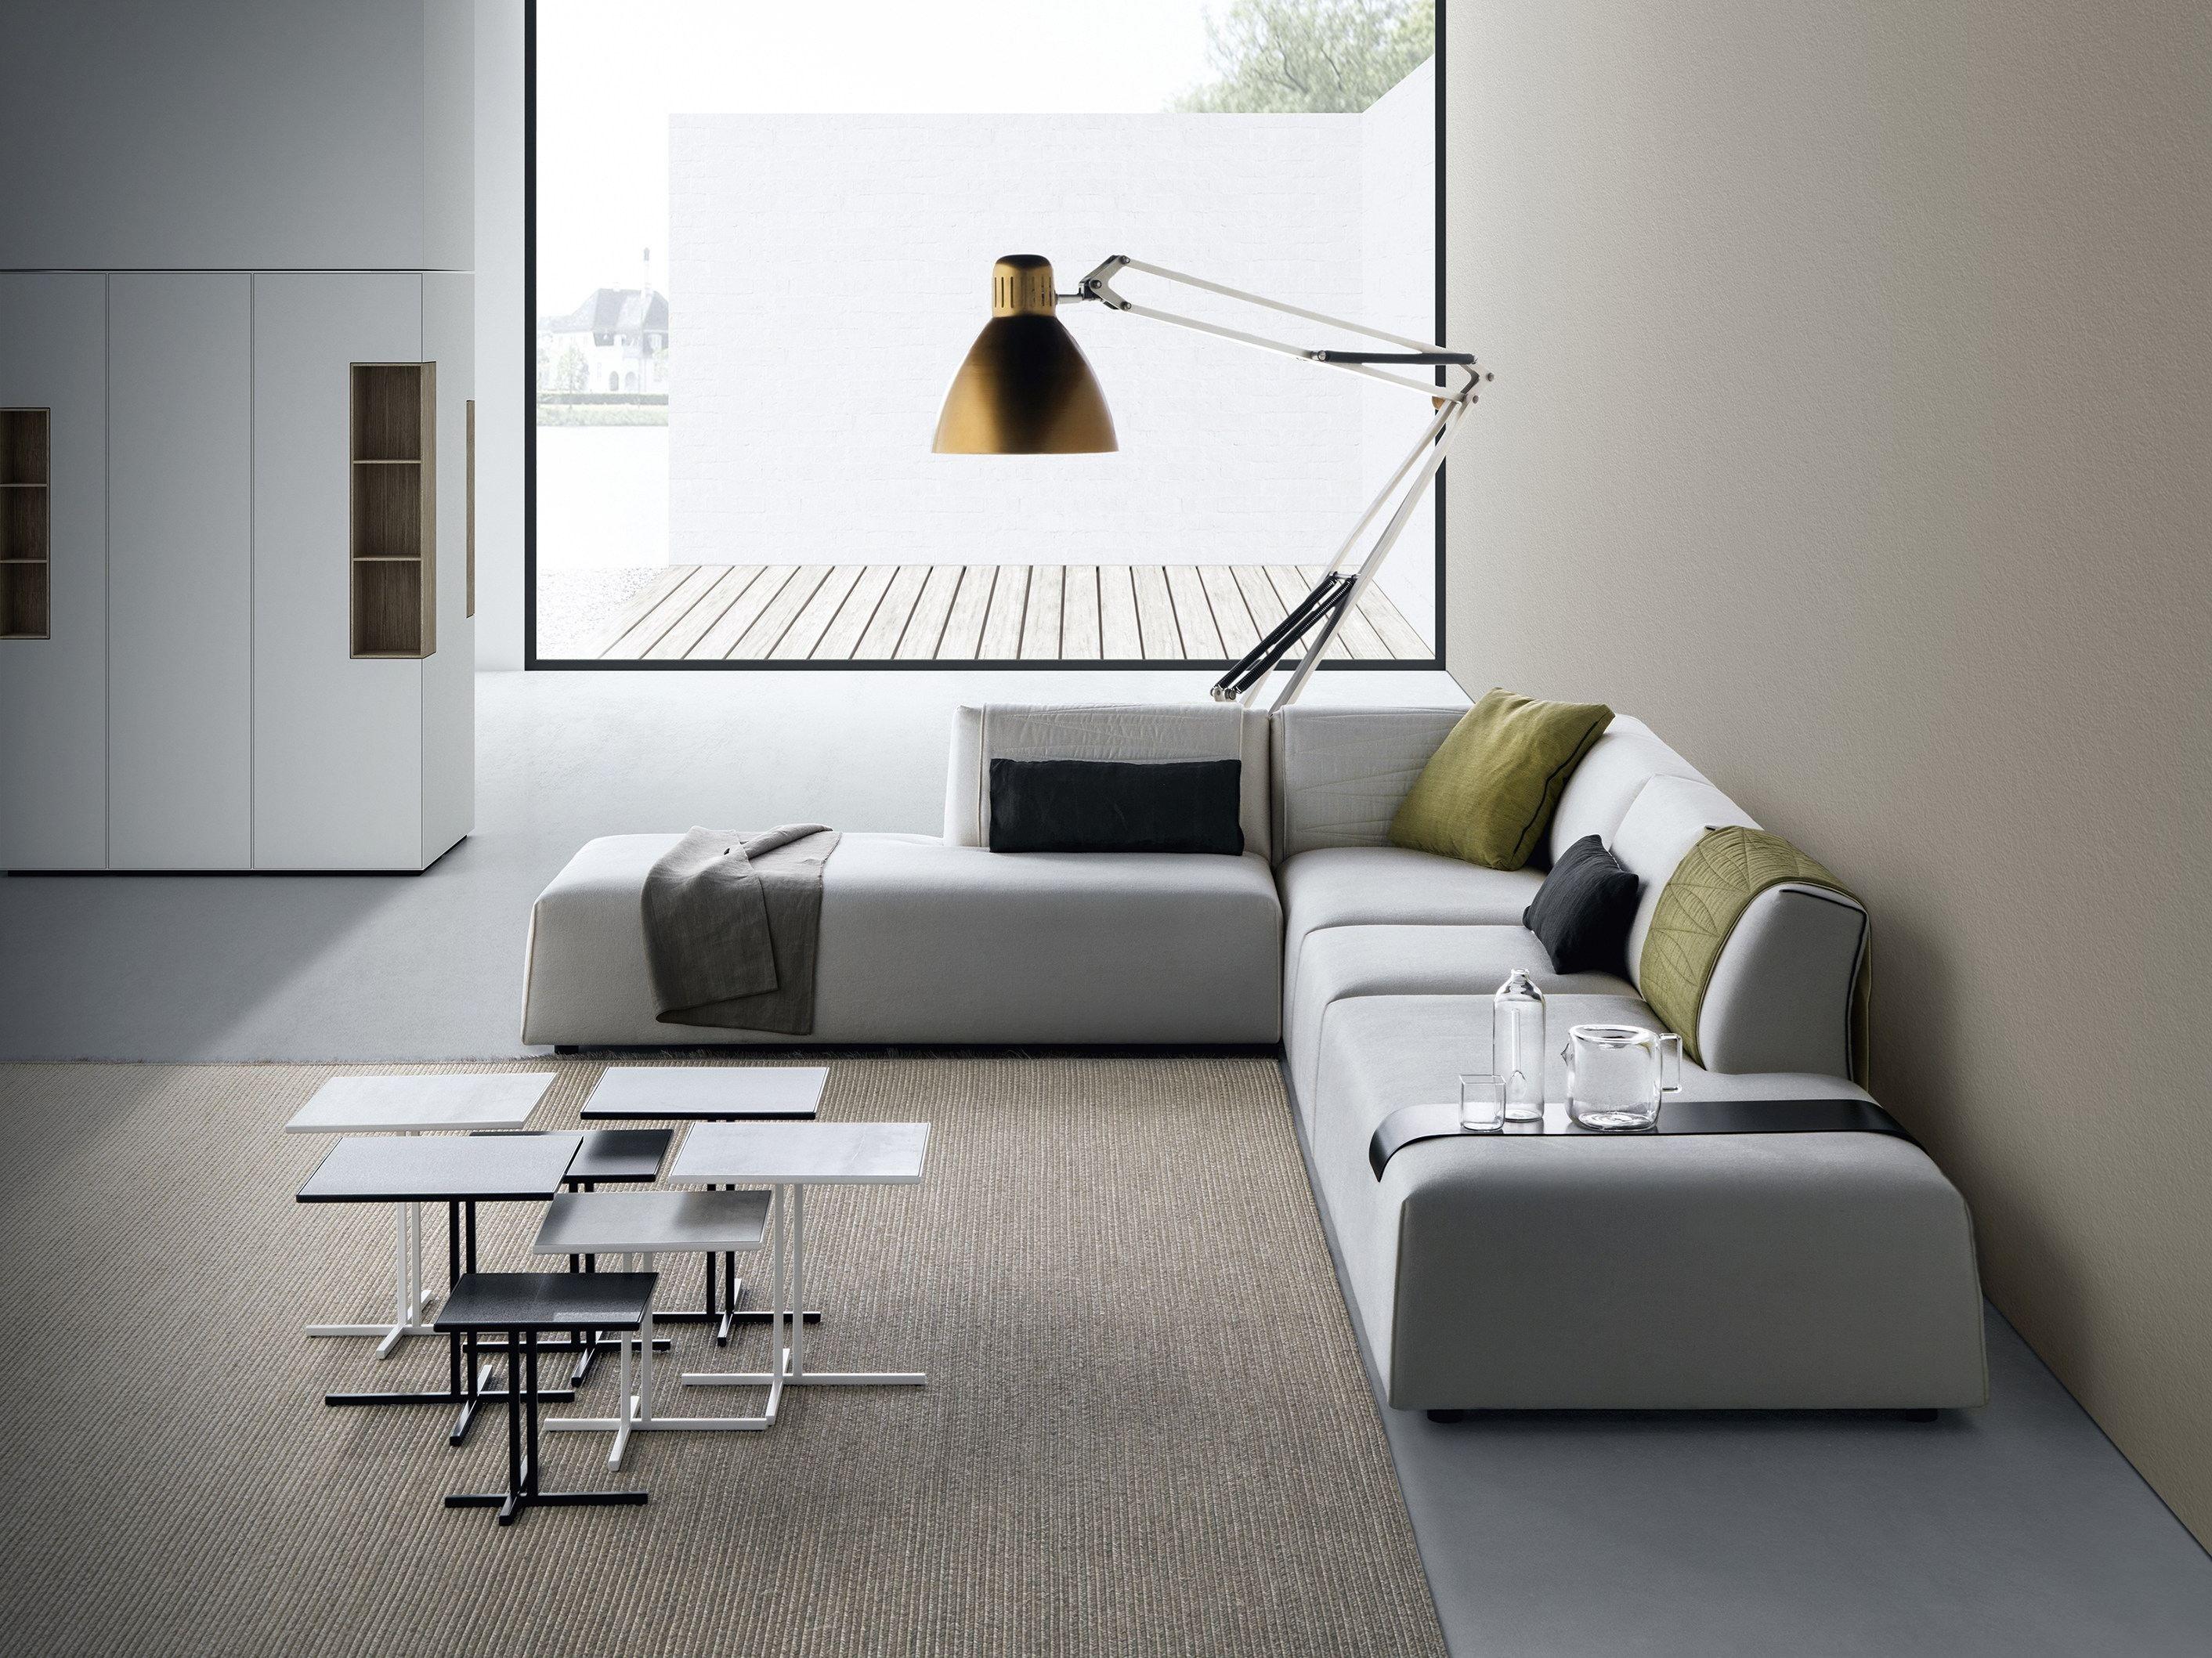 The best modern interior design ideas are